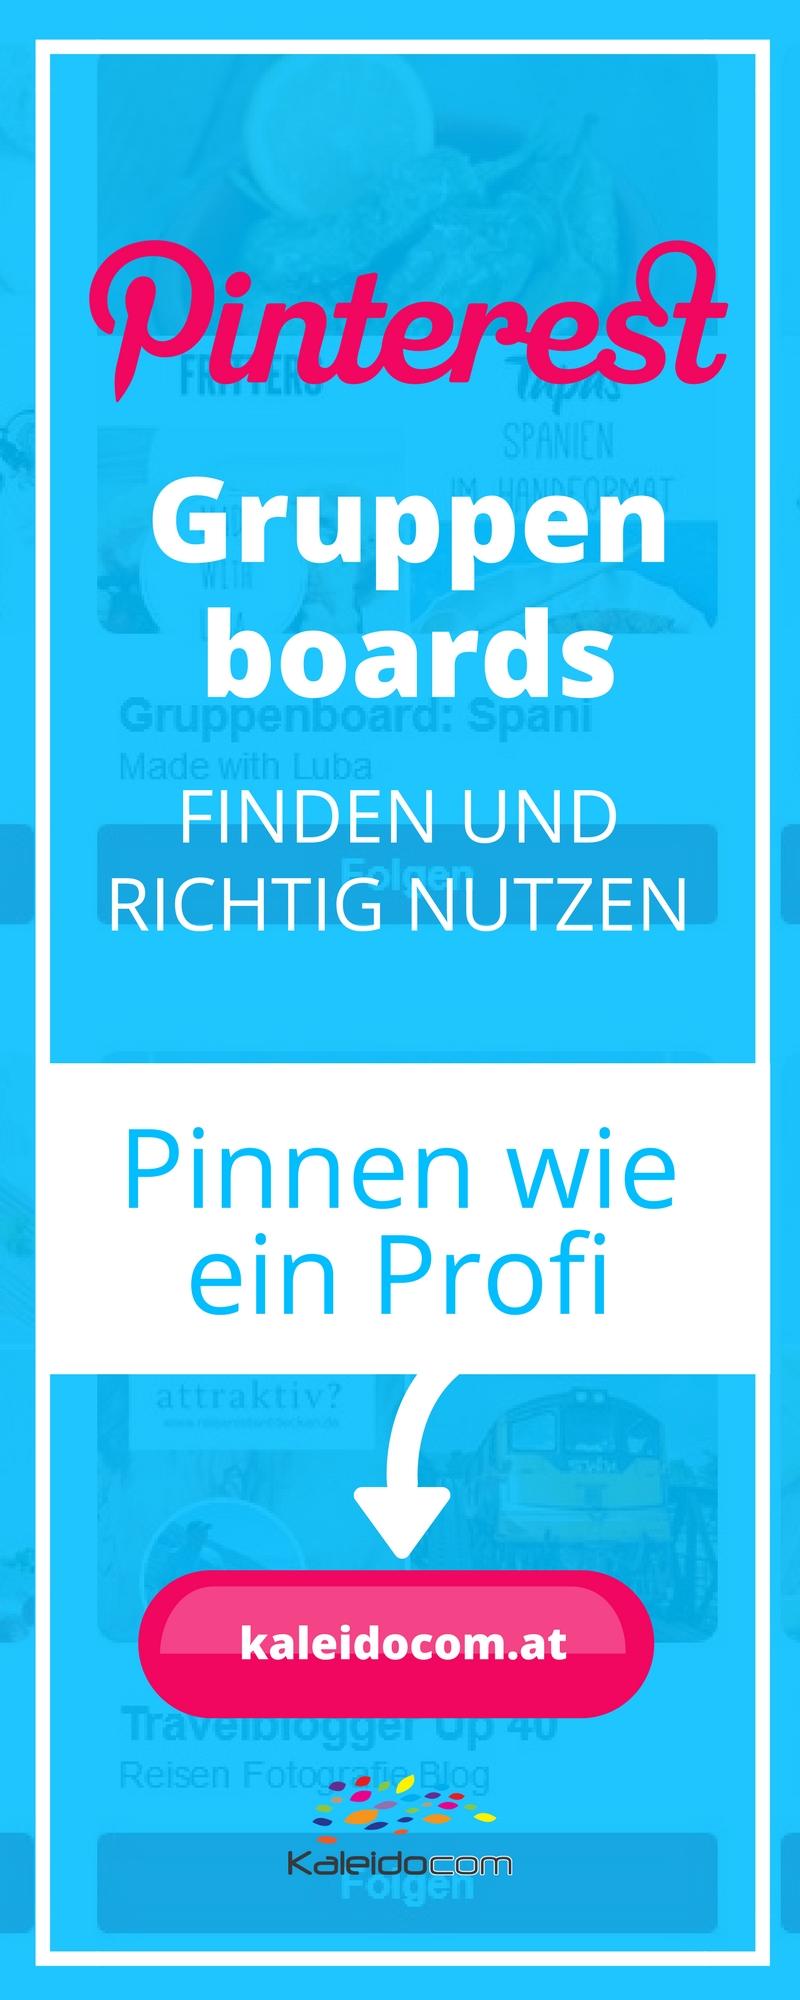 Gruppenboards sind ein wichtiger Teil der Trafficstrategie auf Pinterest. Gruppenboards finden und nutzen - so geht's!